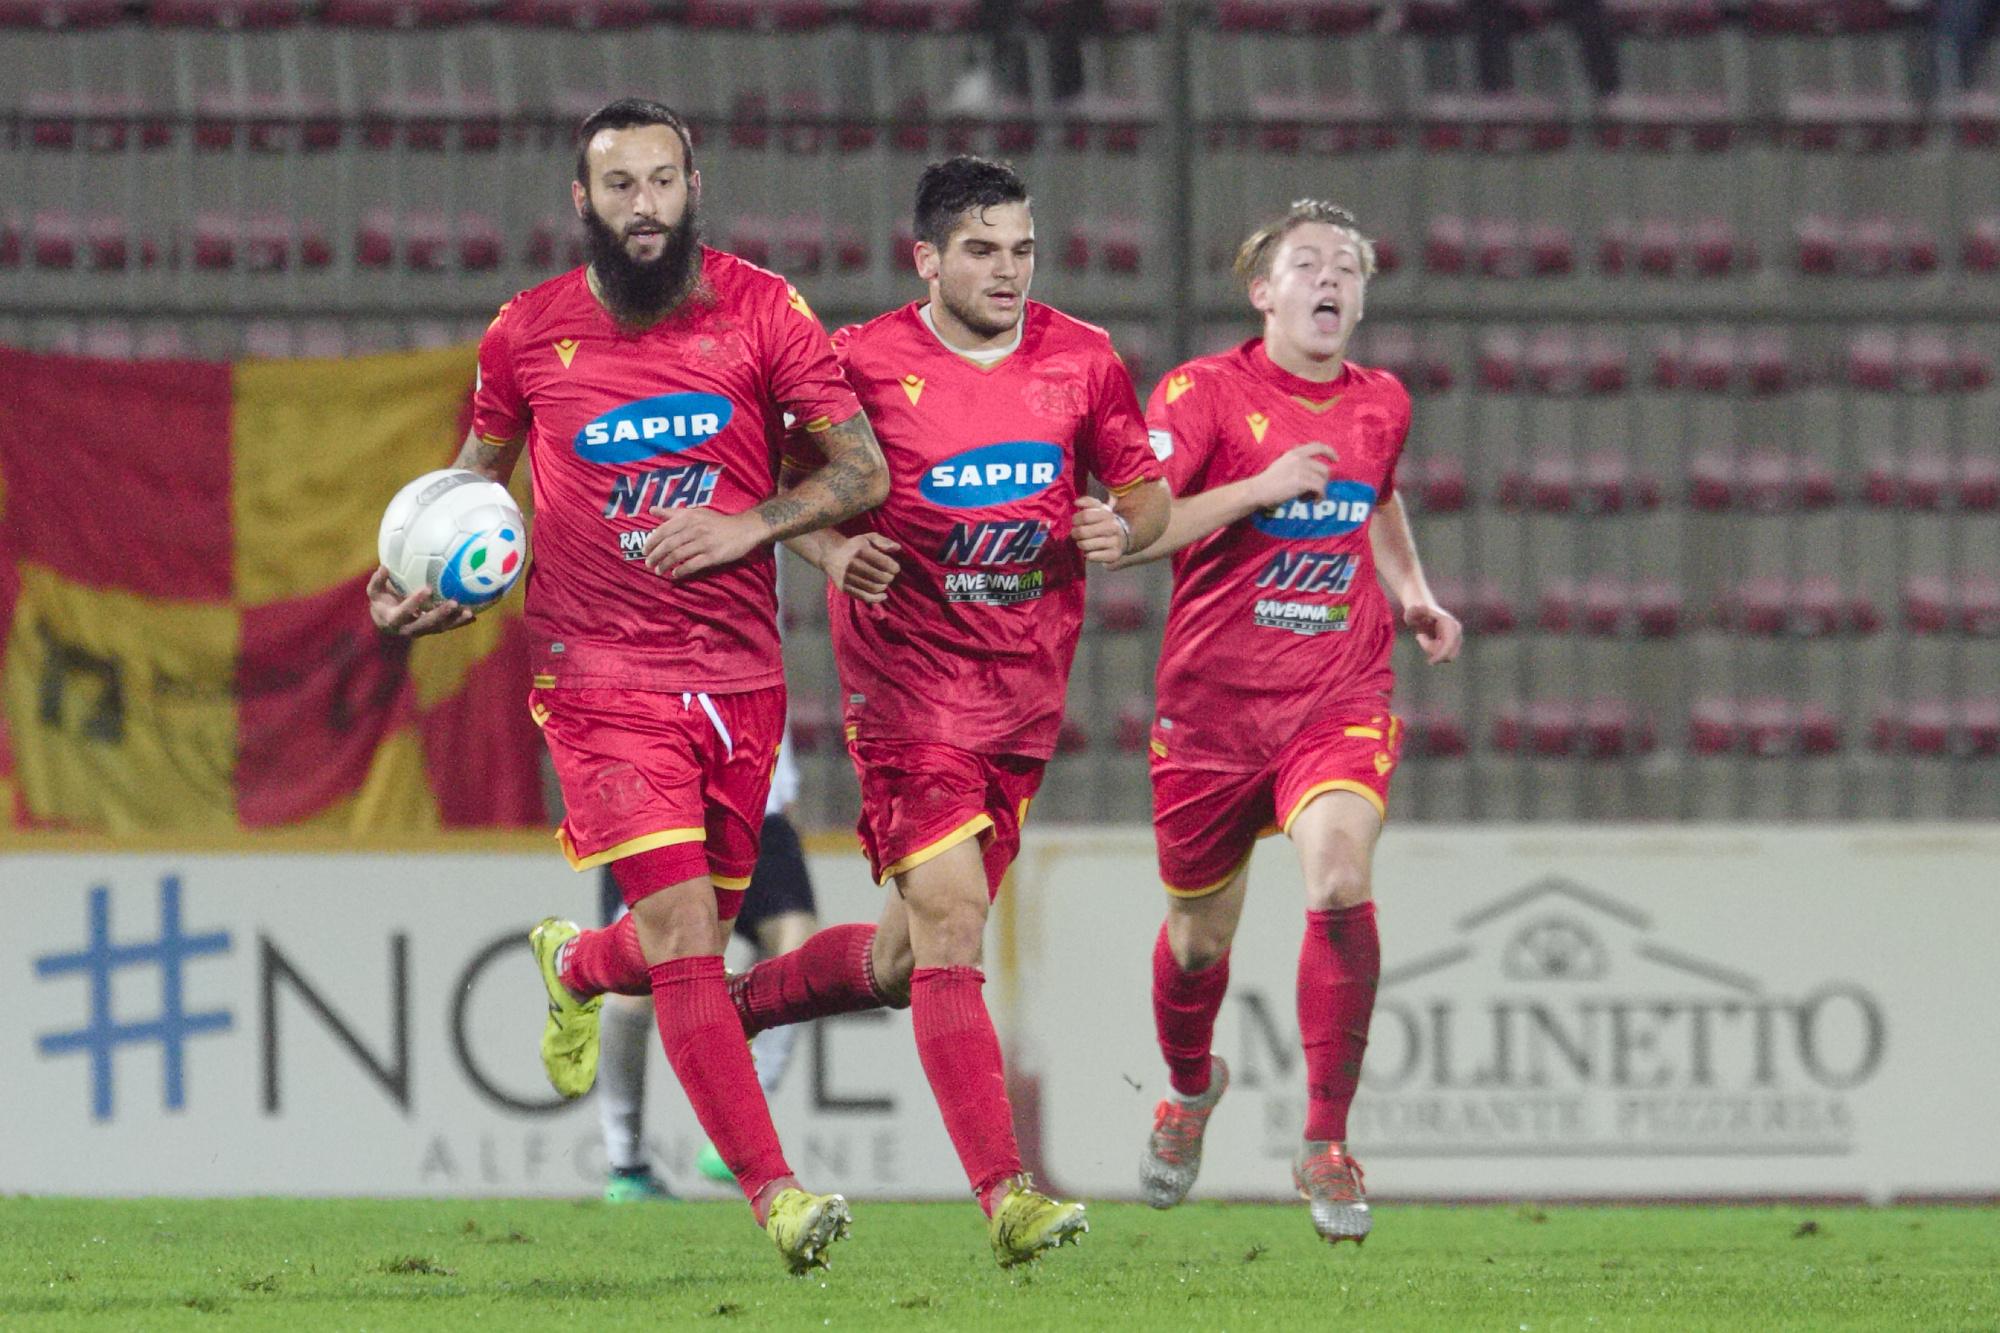 Calcio, Ravenna cade in casa con la Feralpi Salò